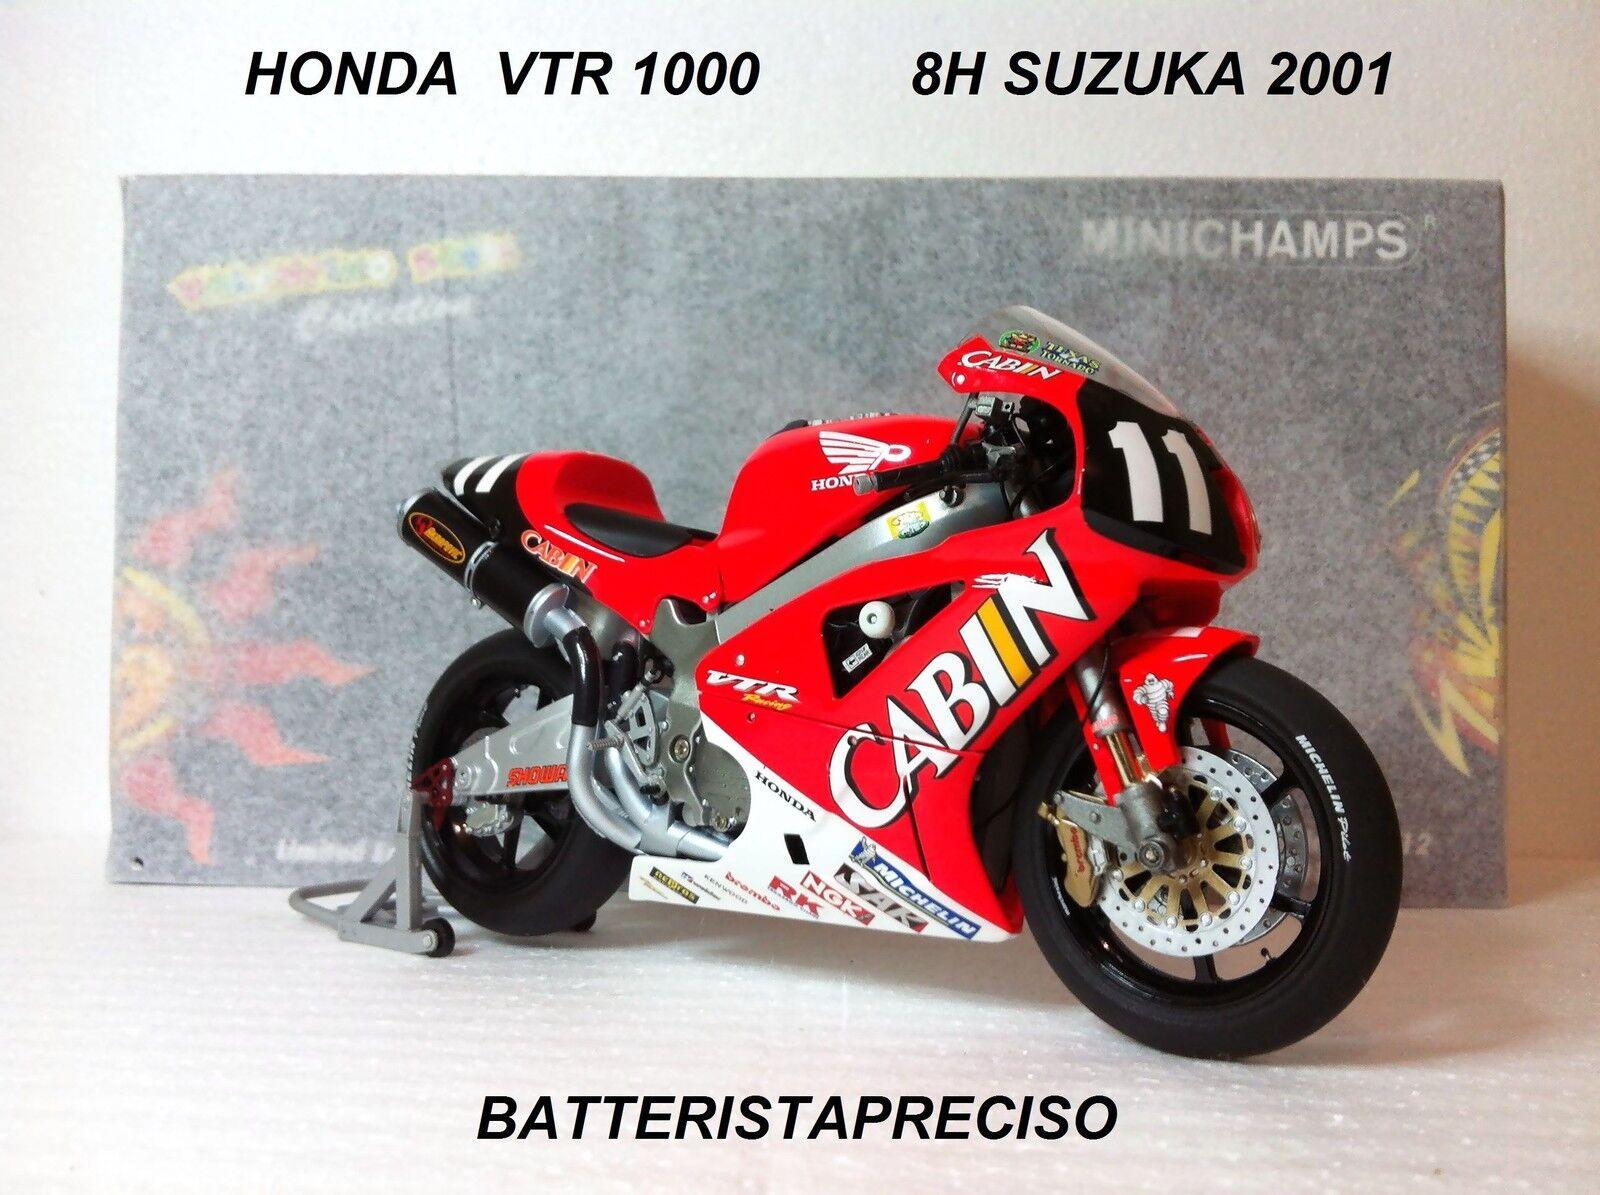 MINICHAMPS VALENTINO ROSSI 1 12 HONDA 2001 VTR 1000 CABIN  8 H SUZUKA L.E. 4999